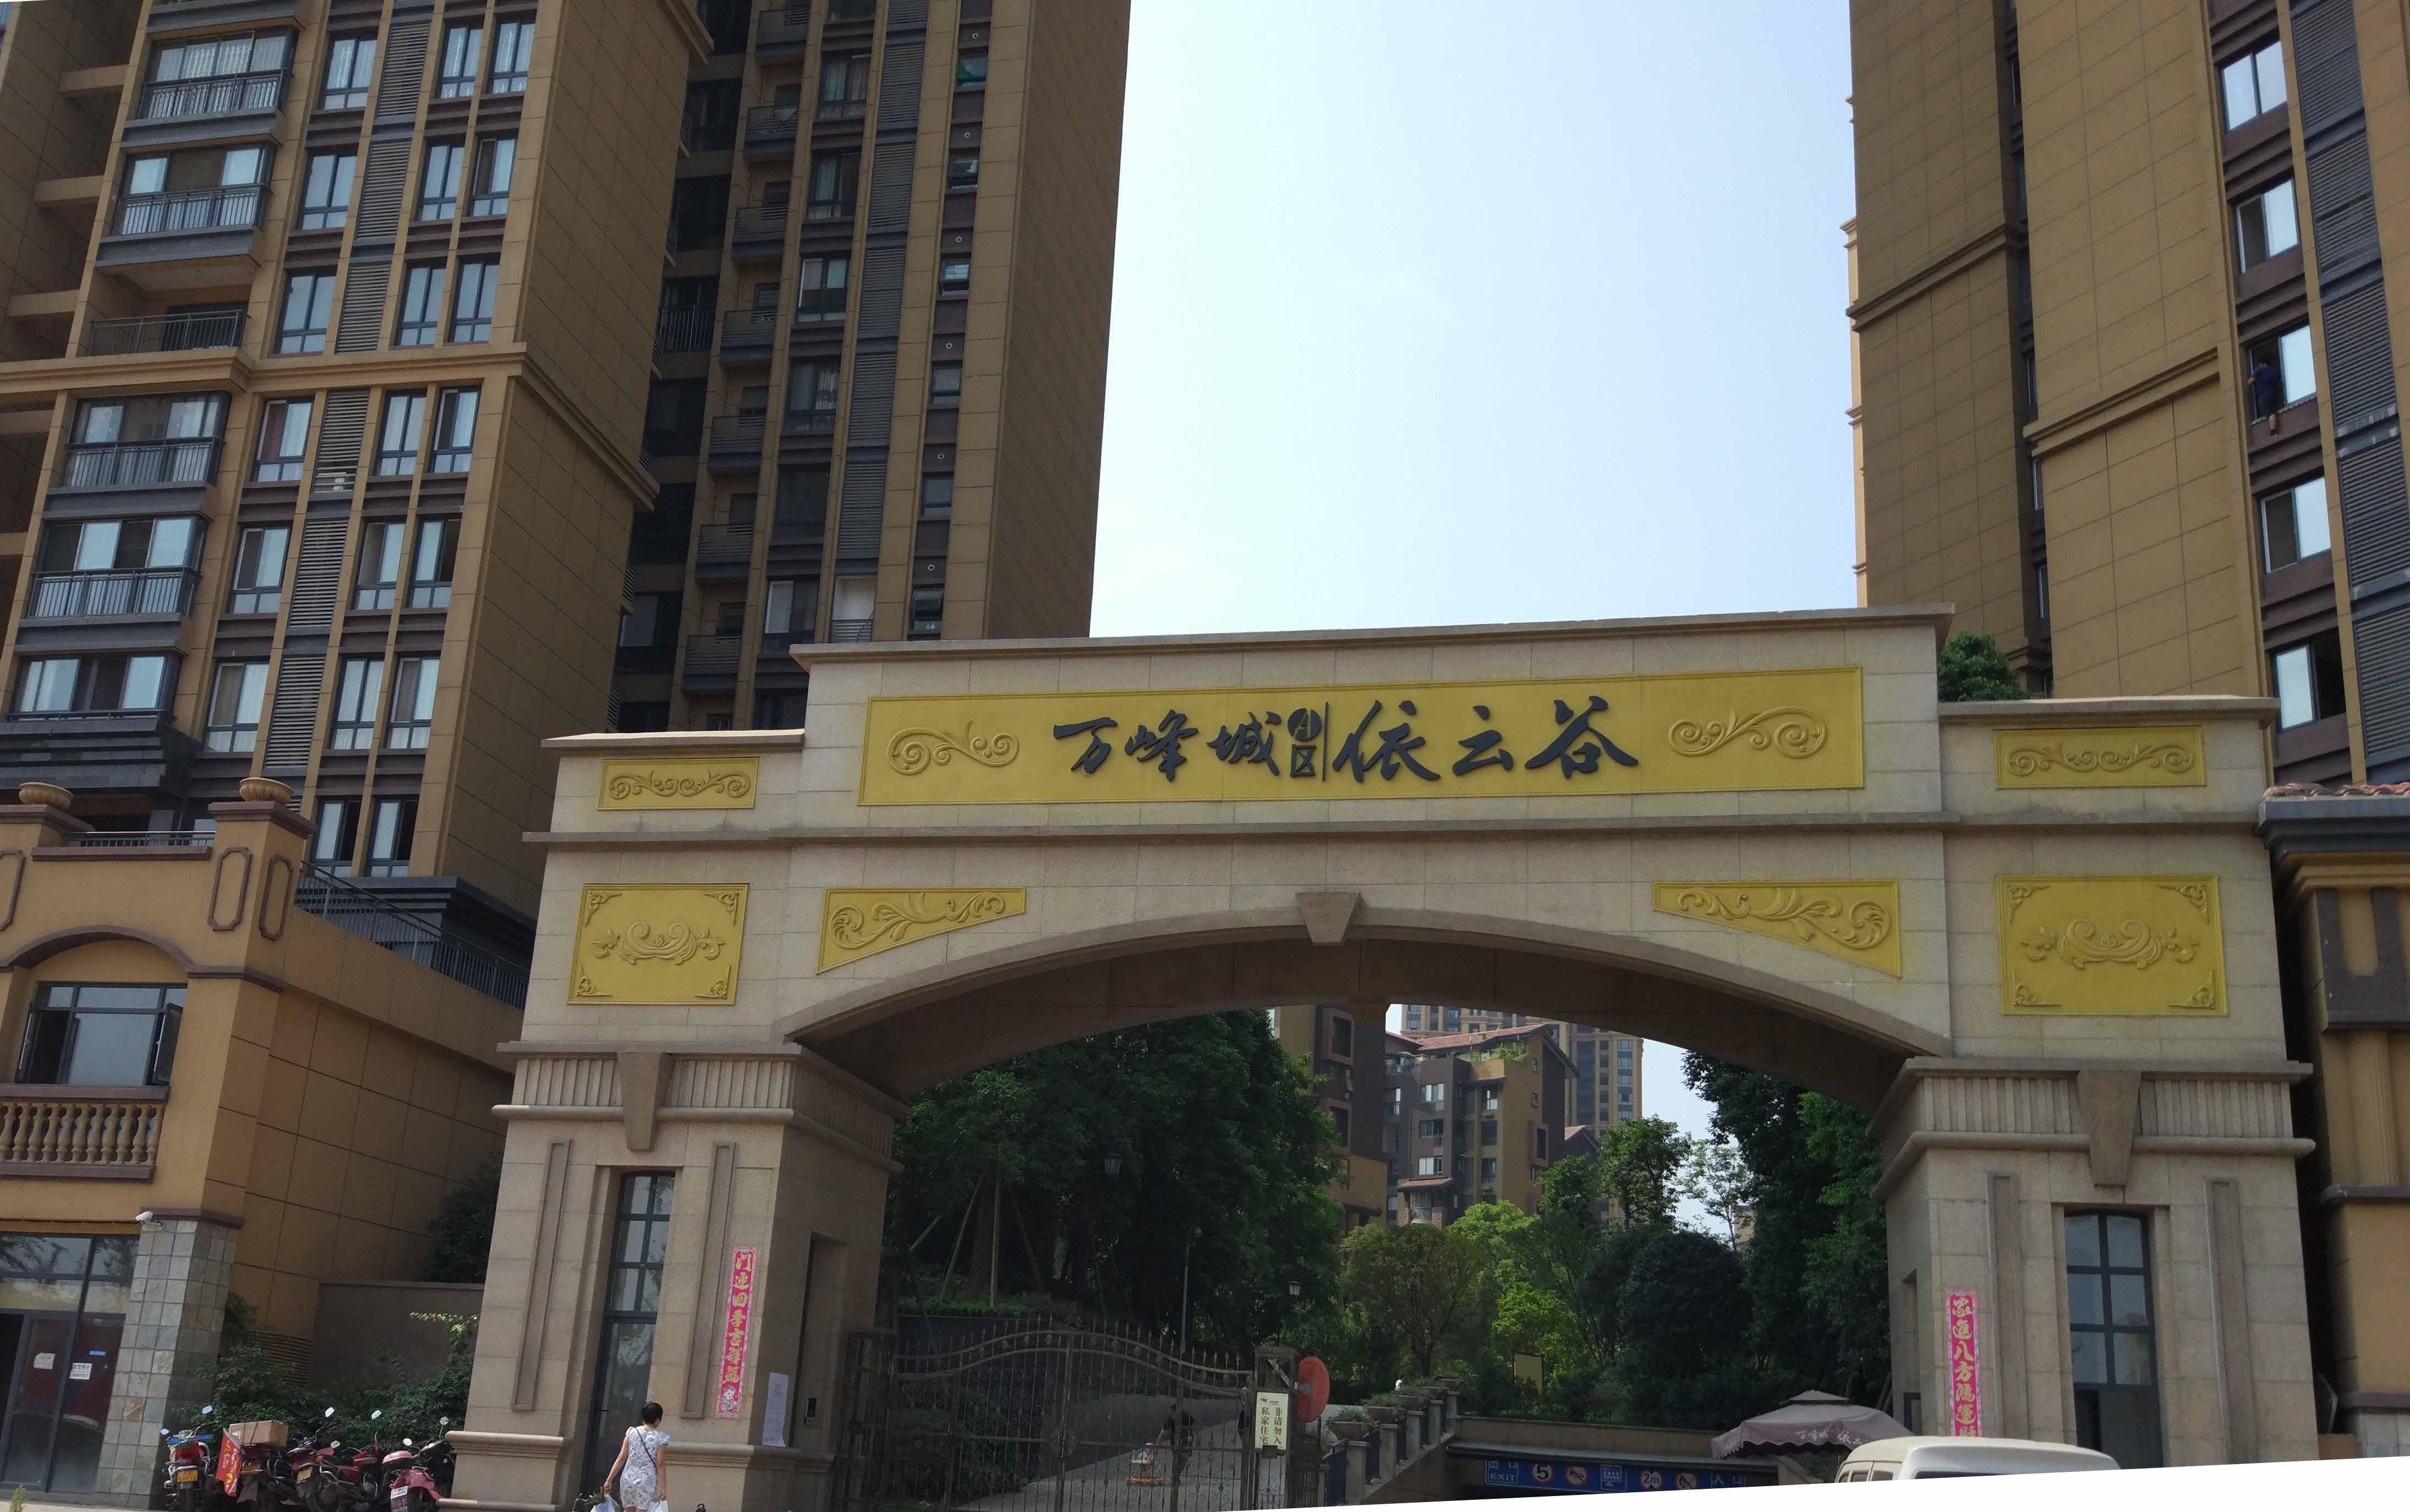 简阳万安三峰小区5278论坛项目展示